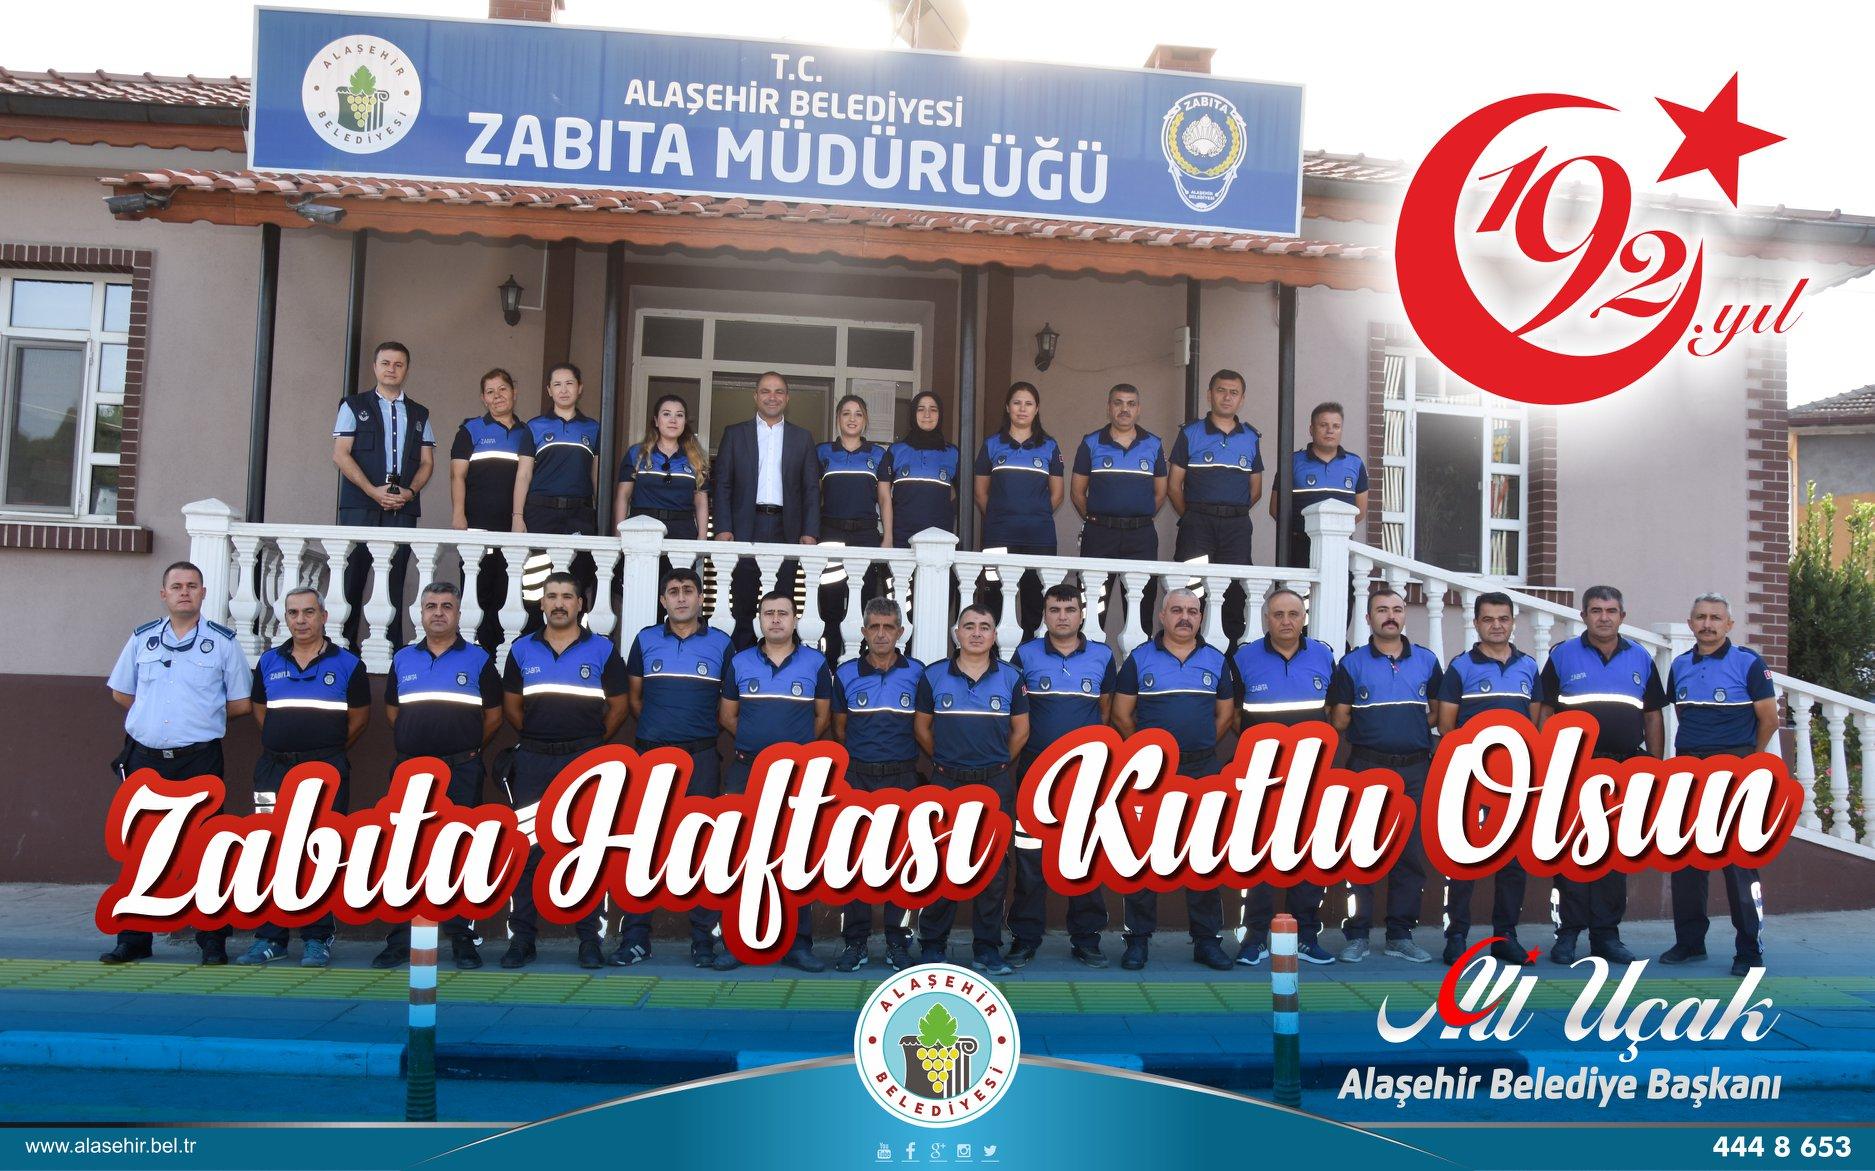 Alaşehir halkının sağlığı, huzuru ve güveni için Belediye Zabıta 7/24 görev başında!